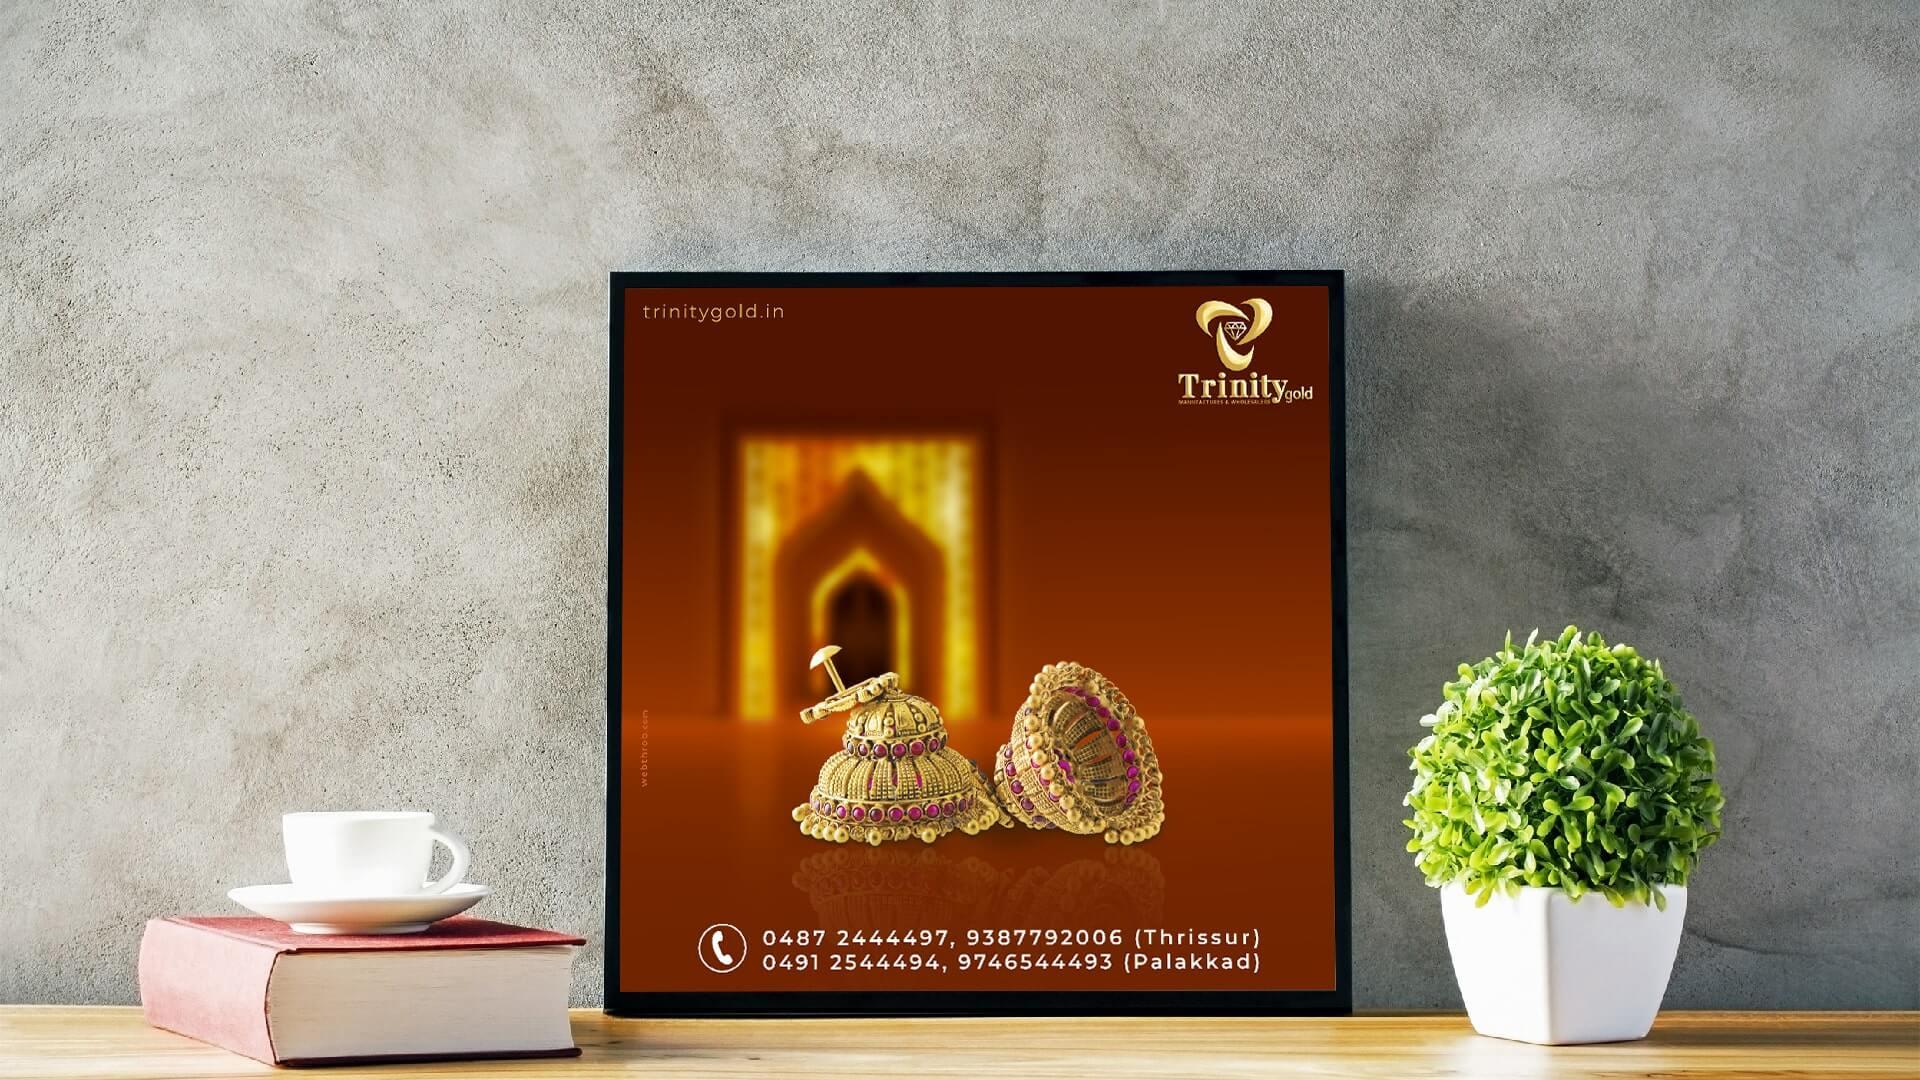 Trinity Gold Main Webthrob Advertising Agency in Kerala Website Designing Agency in Kerala Social Media Marketing +917034034444-6-min